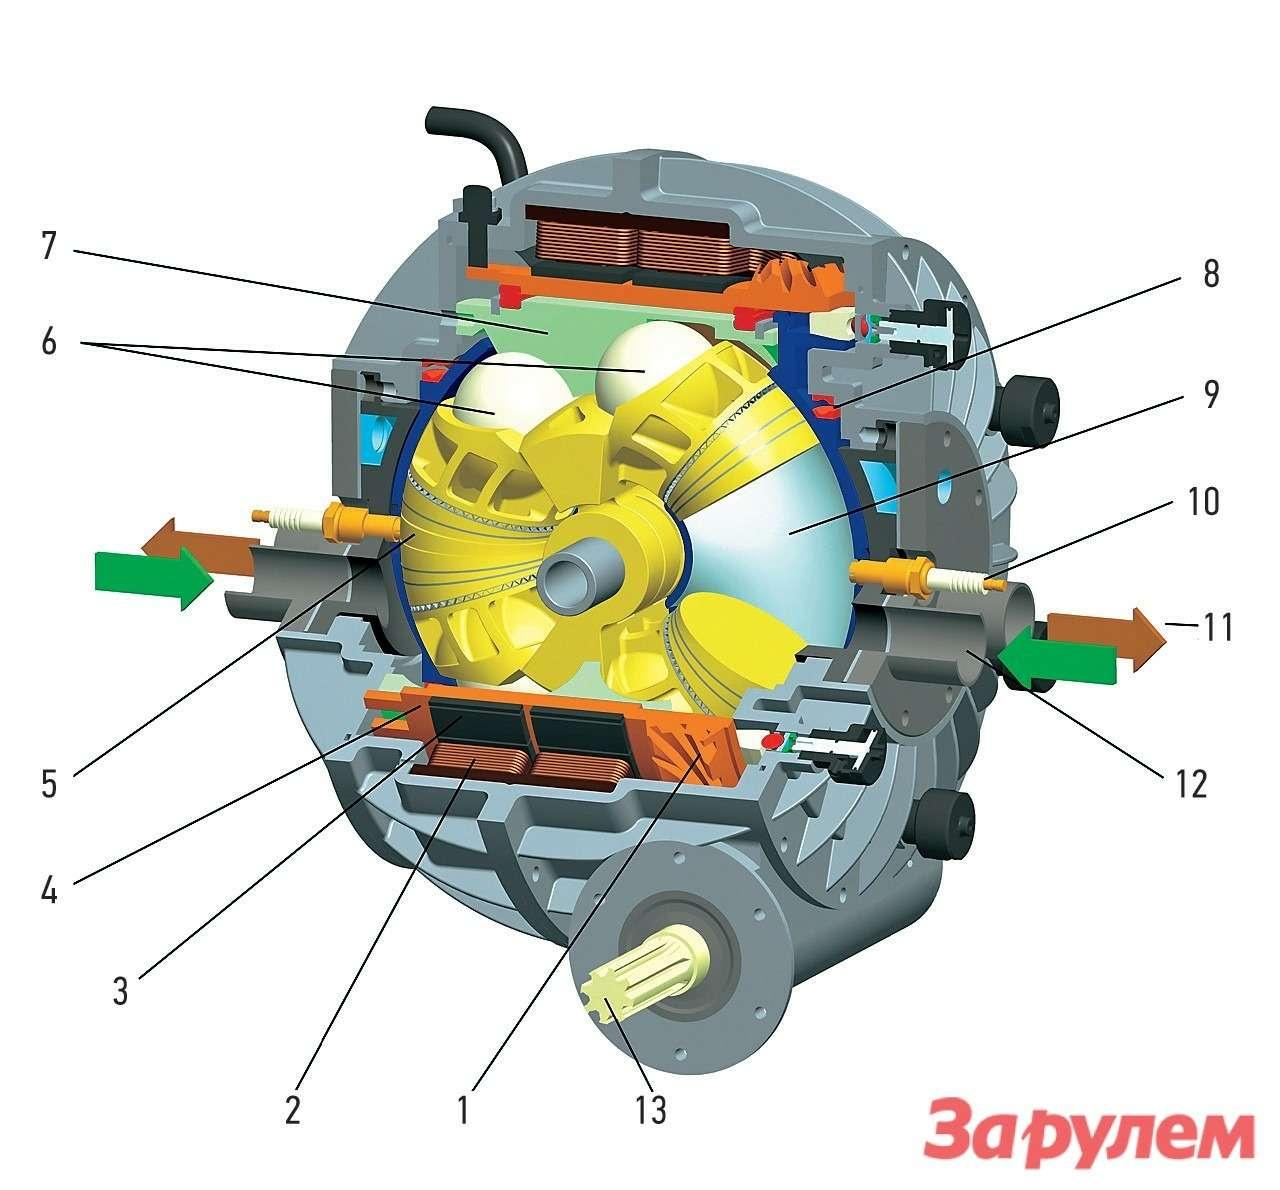 Устройство шарового двигателя совстроенным электромотором: 1— приводная шестерня; 2— статор электромотора; 3— постоянные магниты; 4— ротор электро- мотора; 5— камера сгорания 1; 6— шаровые направляющие поршней; 7— коль- цевая направляющая длядвижения поршней; 8— подшипник ротора; 9— камера сгорания 2; 10— свеча зажигания; 11— отвод выхлопных газов; 12— забор воздуха; 13— выходной вал.